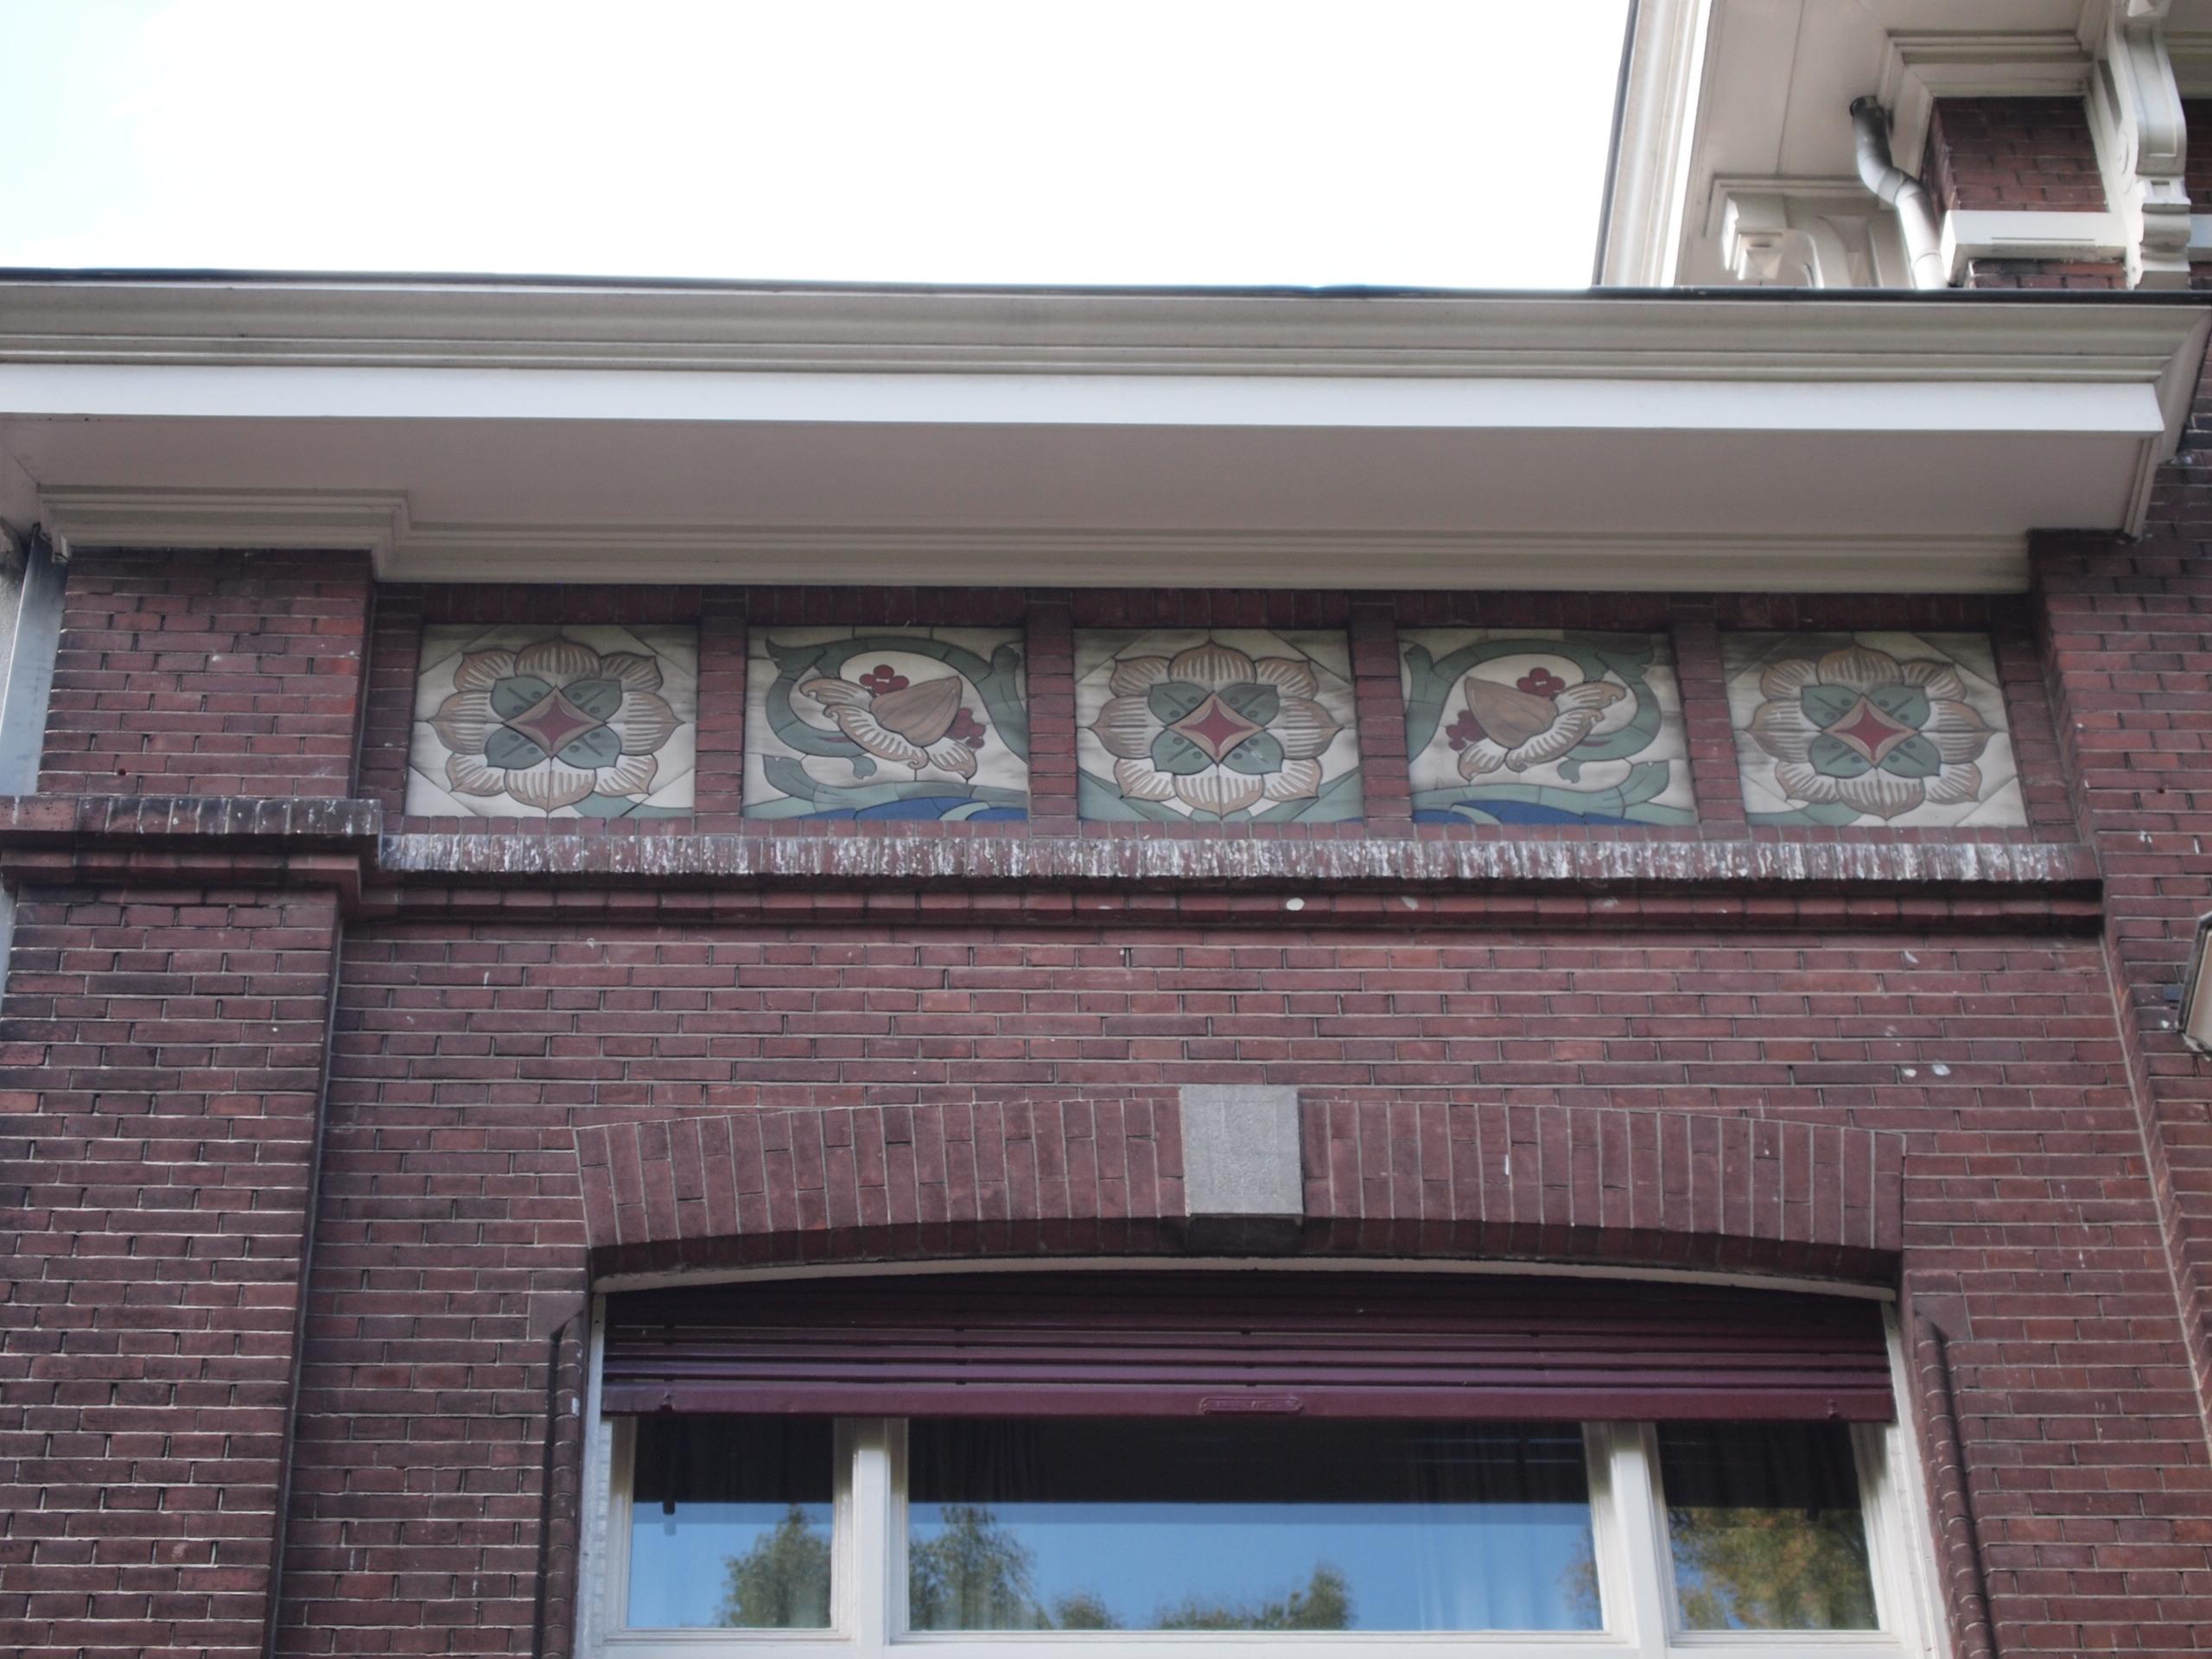 foto van woonhuis gebouwd in overgangsarchitectuur met jugendstil interieur onderdelen